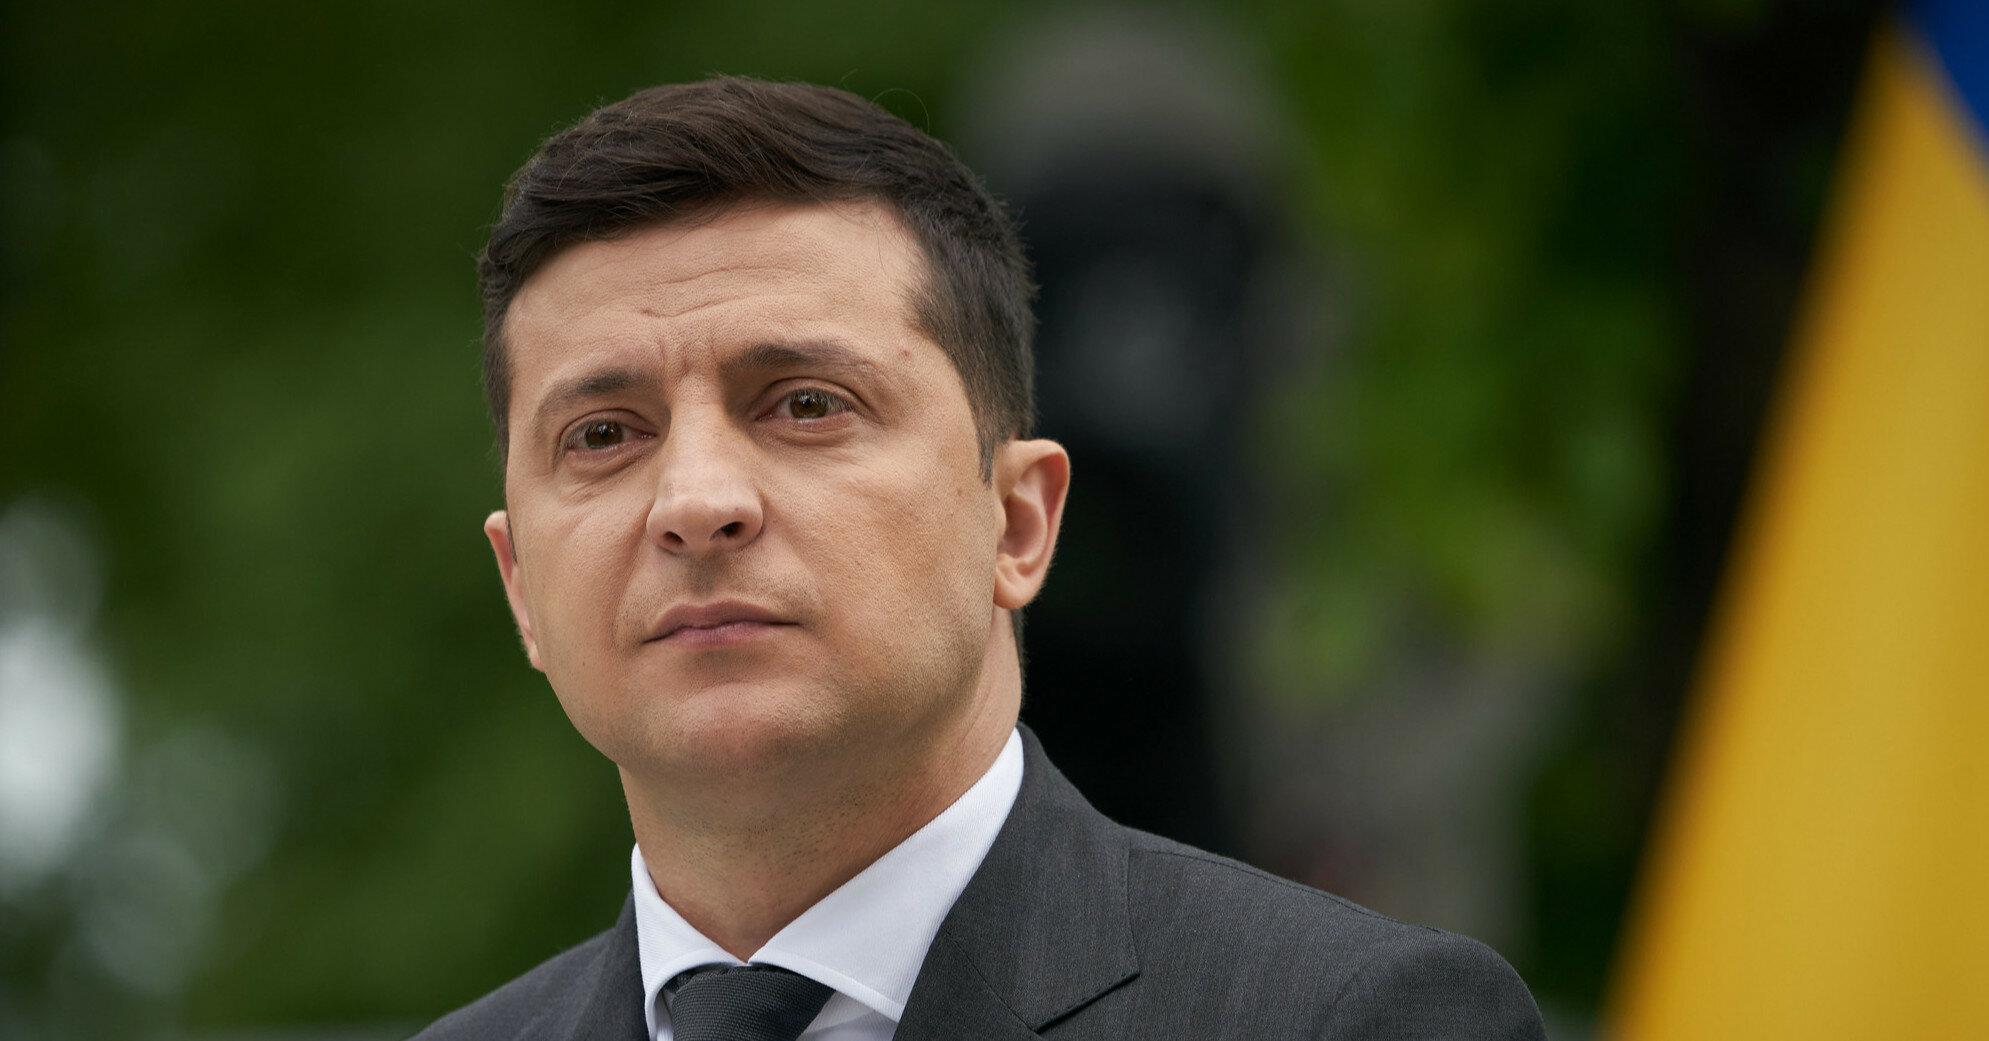 Украина, Германия и Франция должны иметь консолидированную позицию – Зеленский